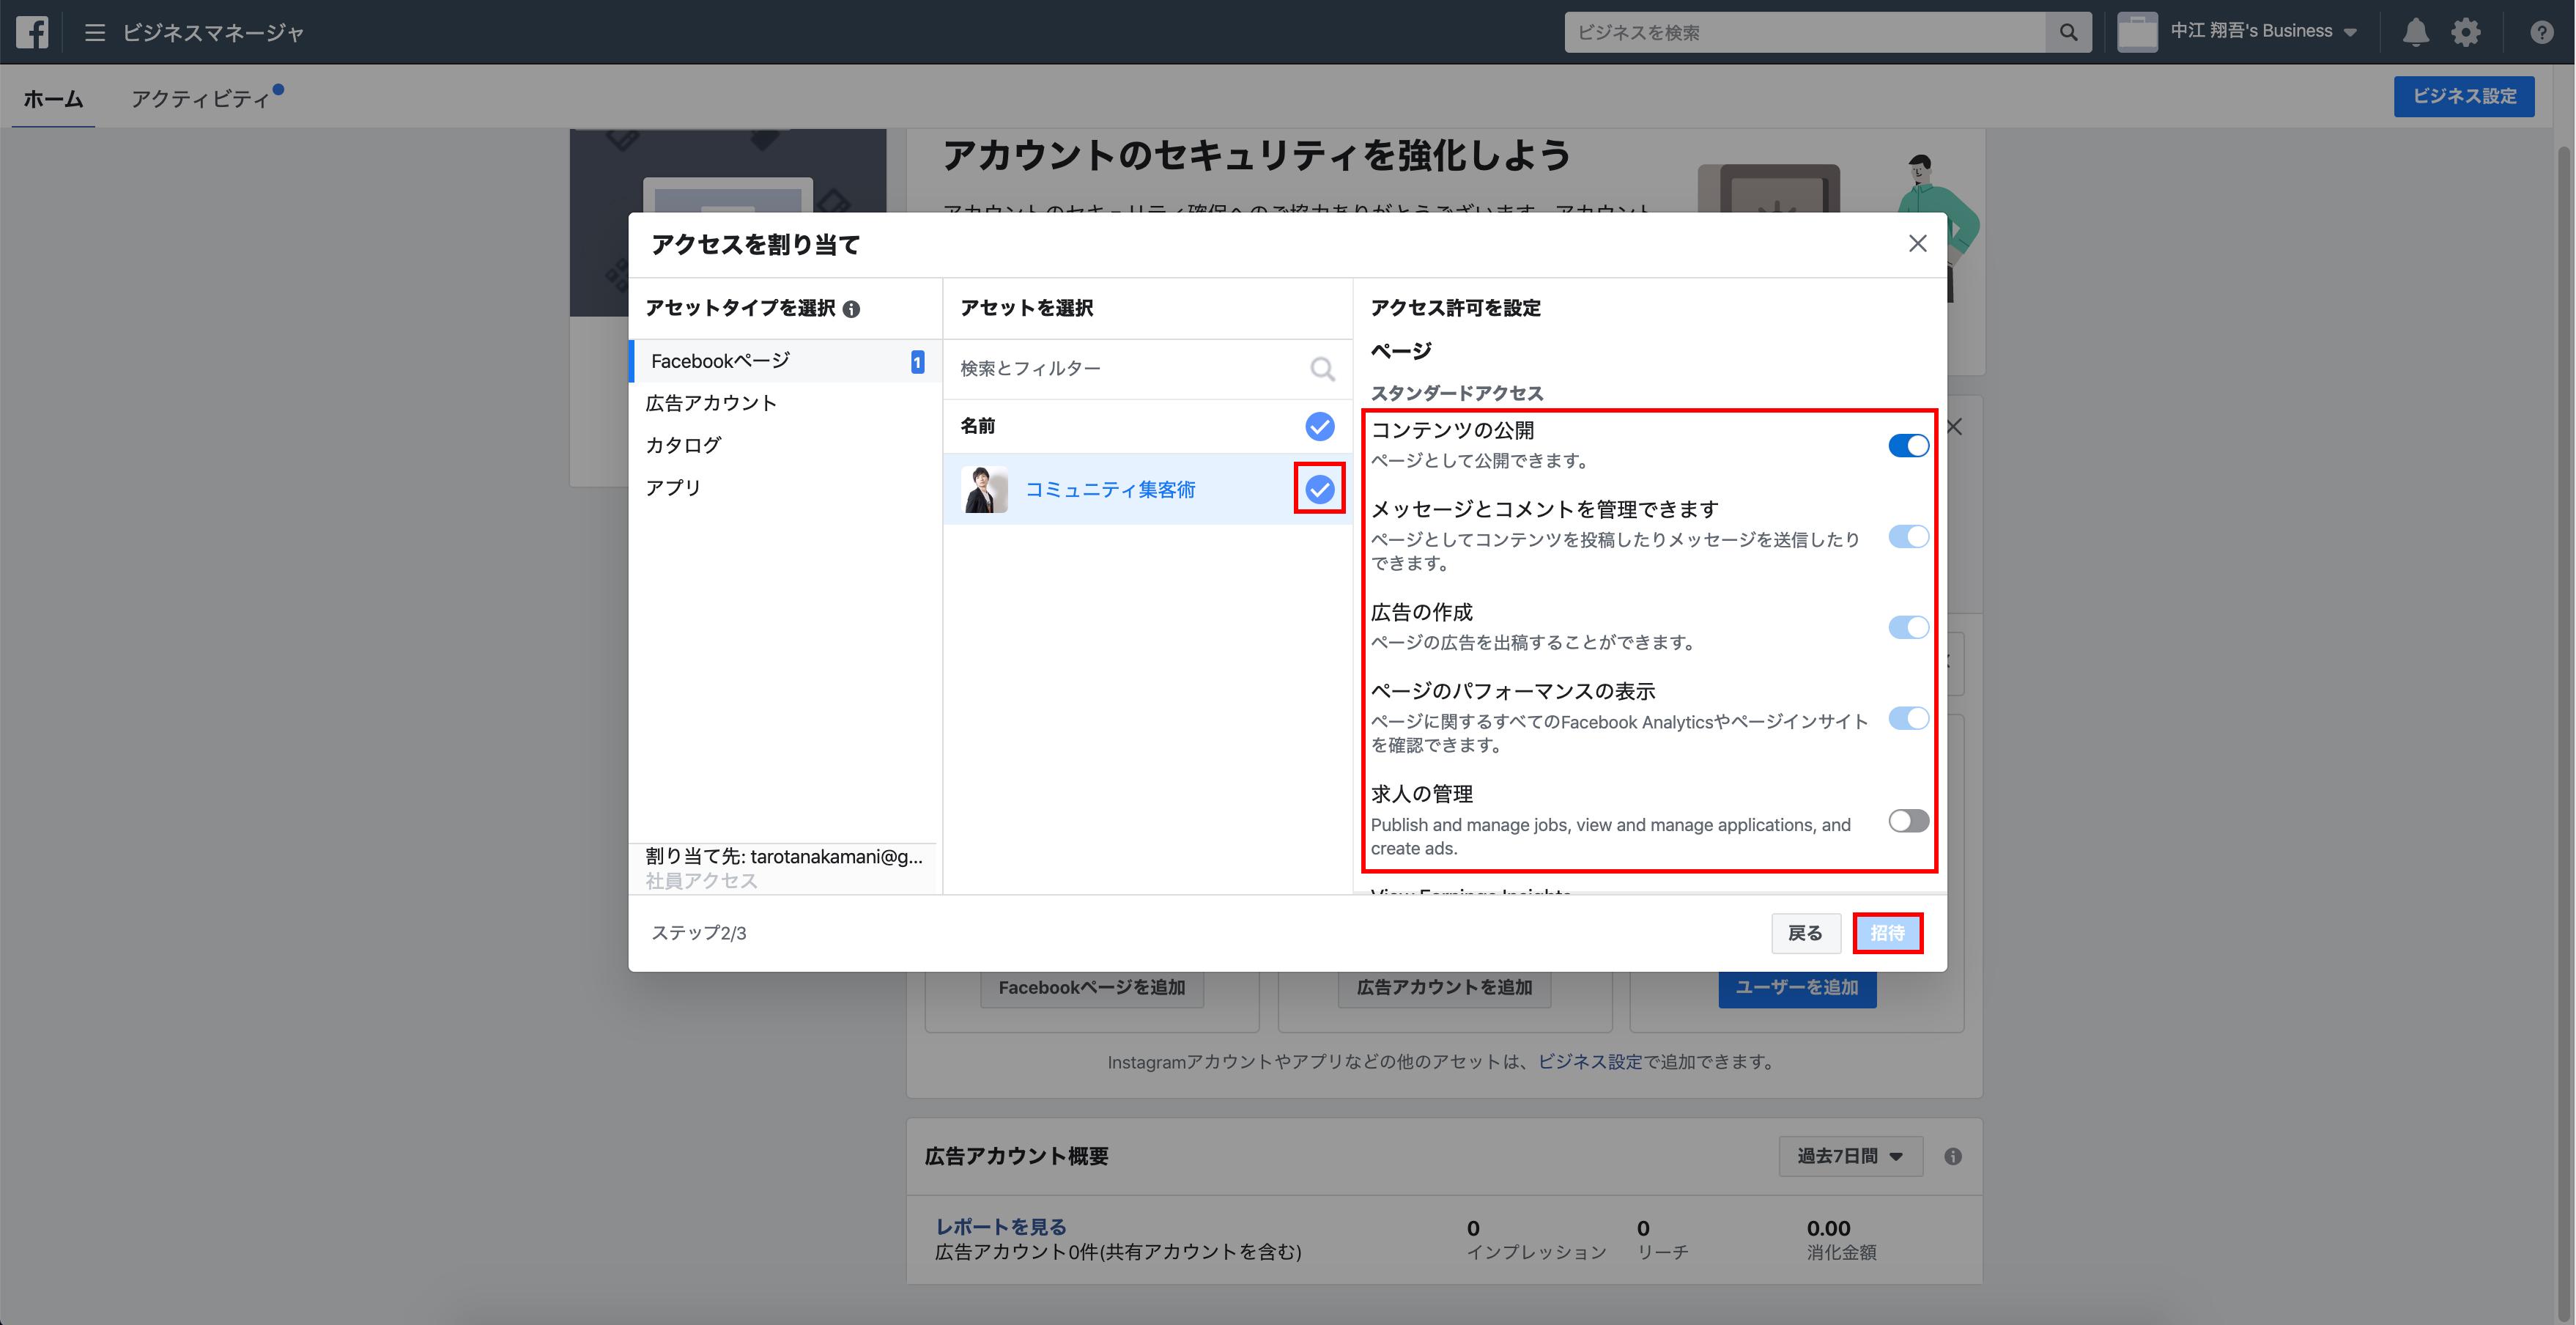 Facebookページのアクセス権限の設定